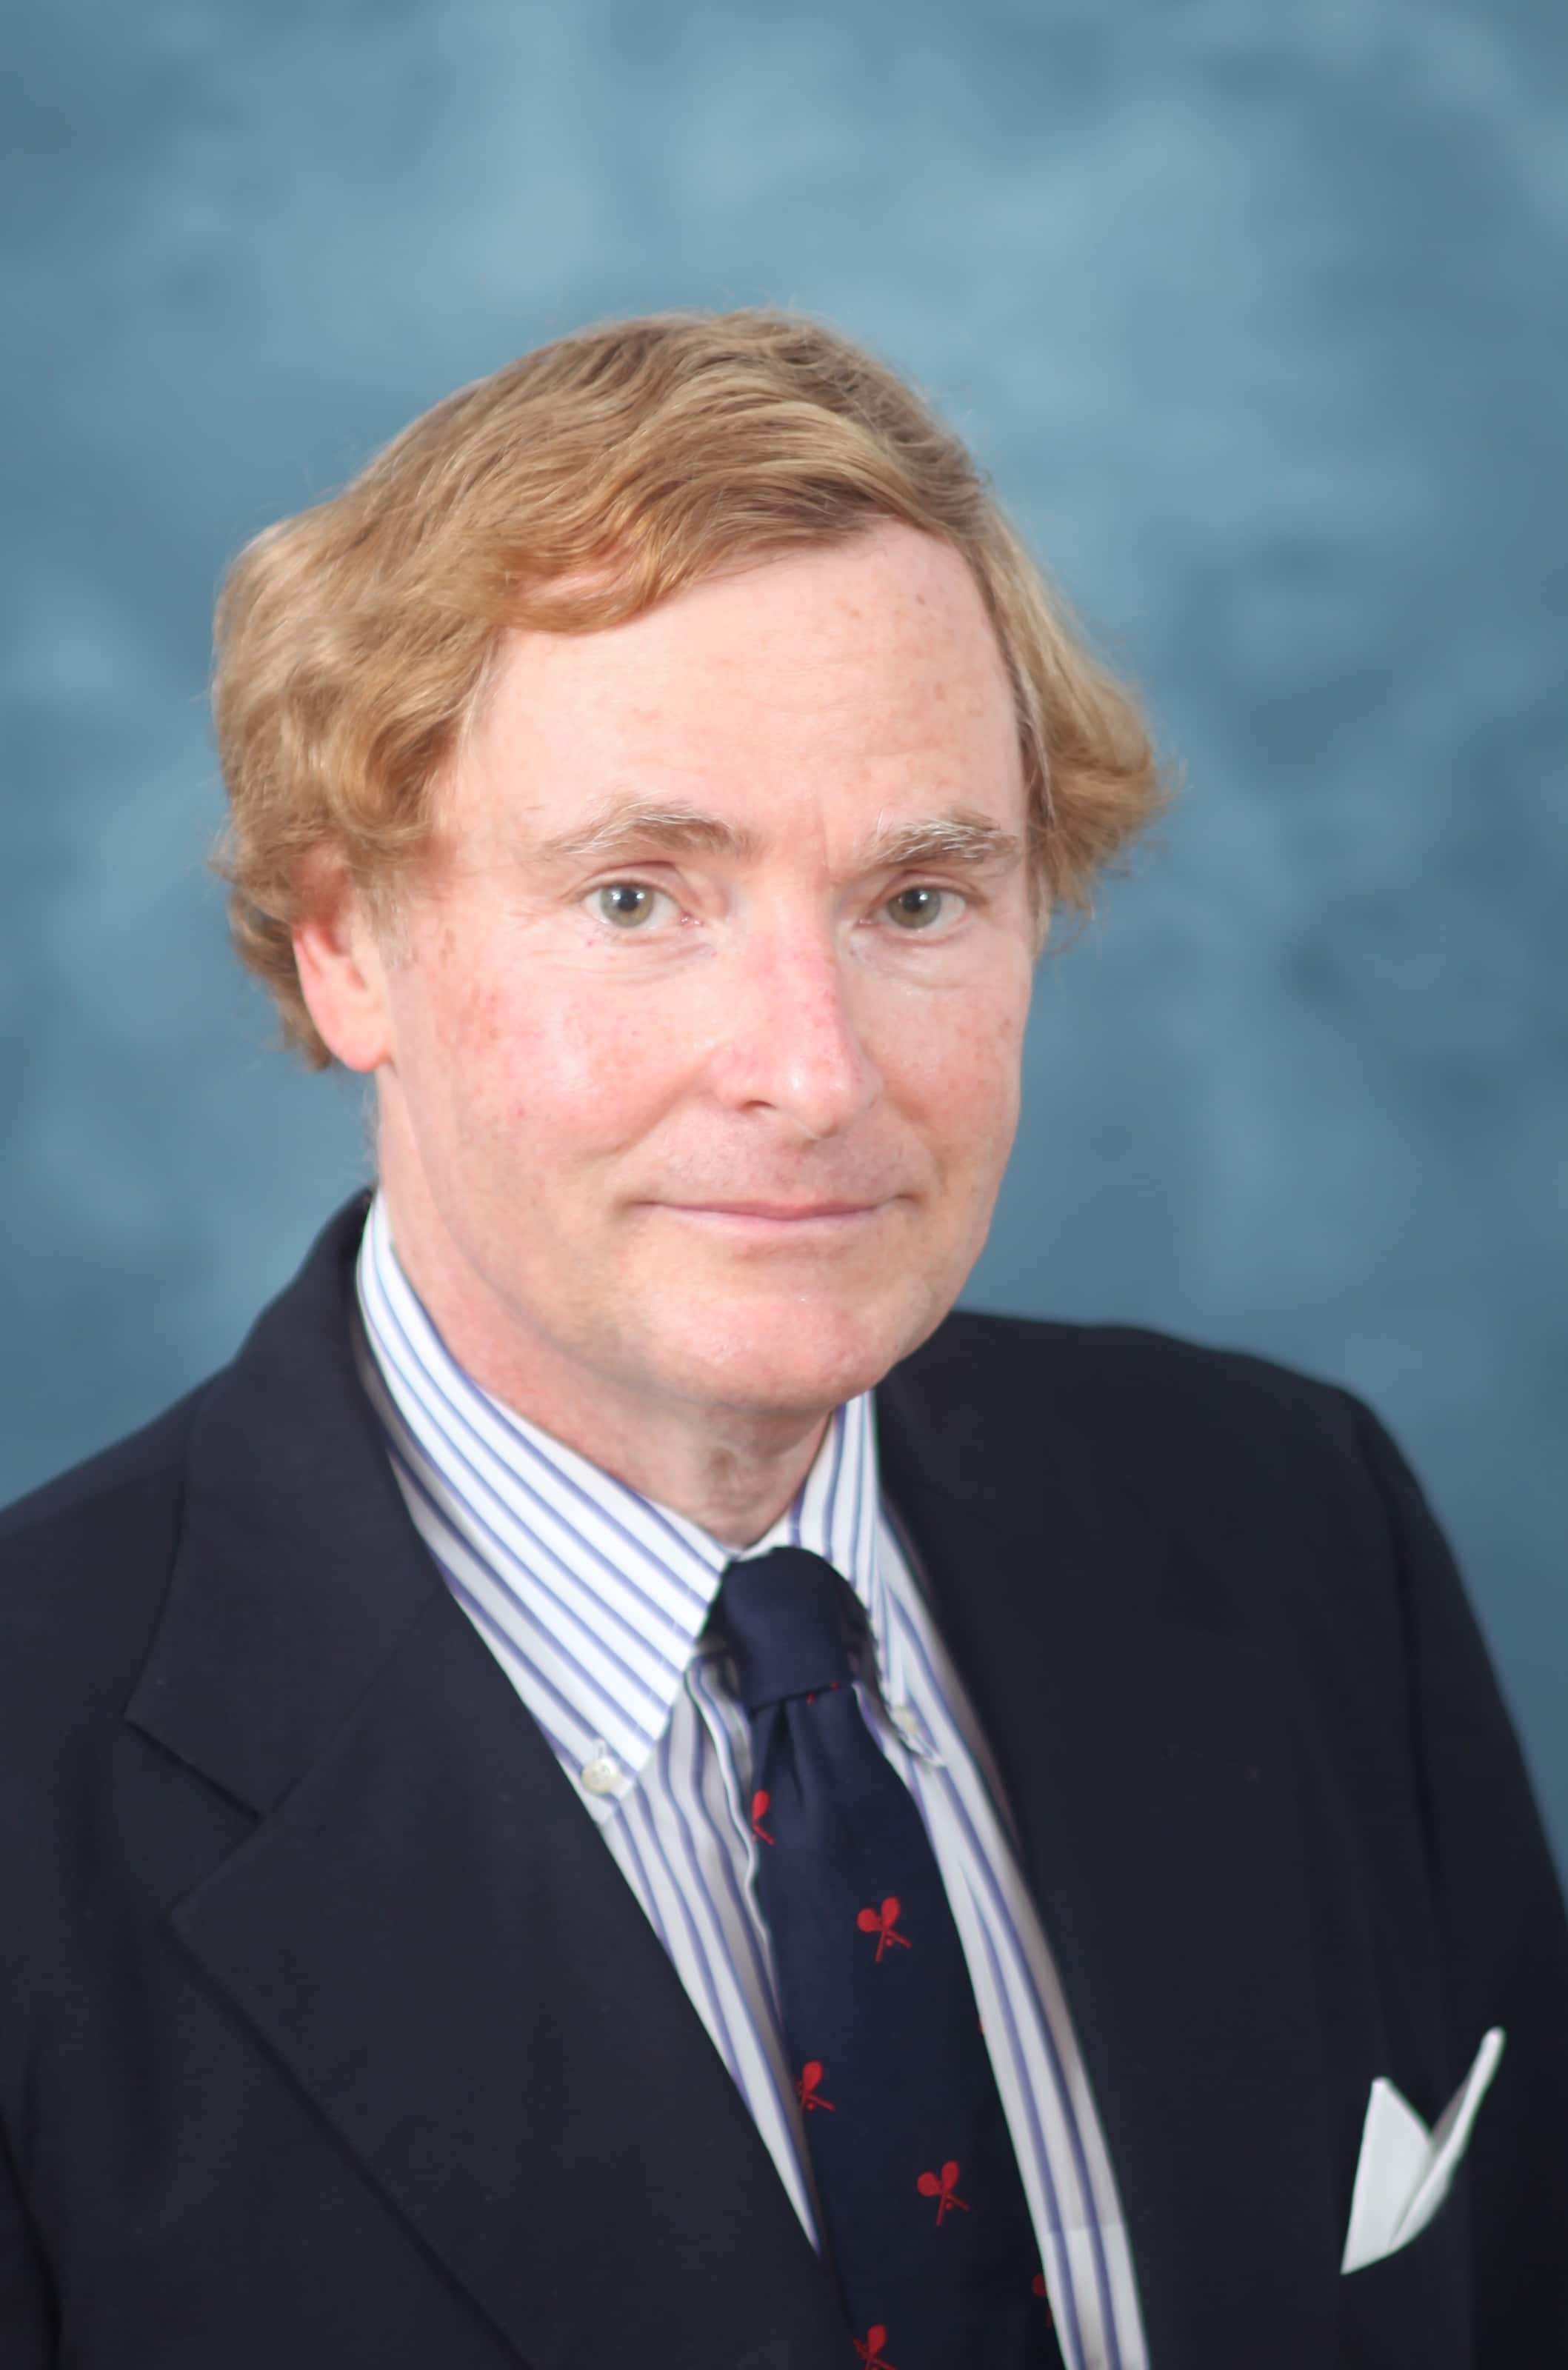 C. Alexander Moskwa, Jr., M.D.